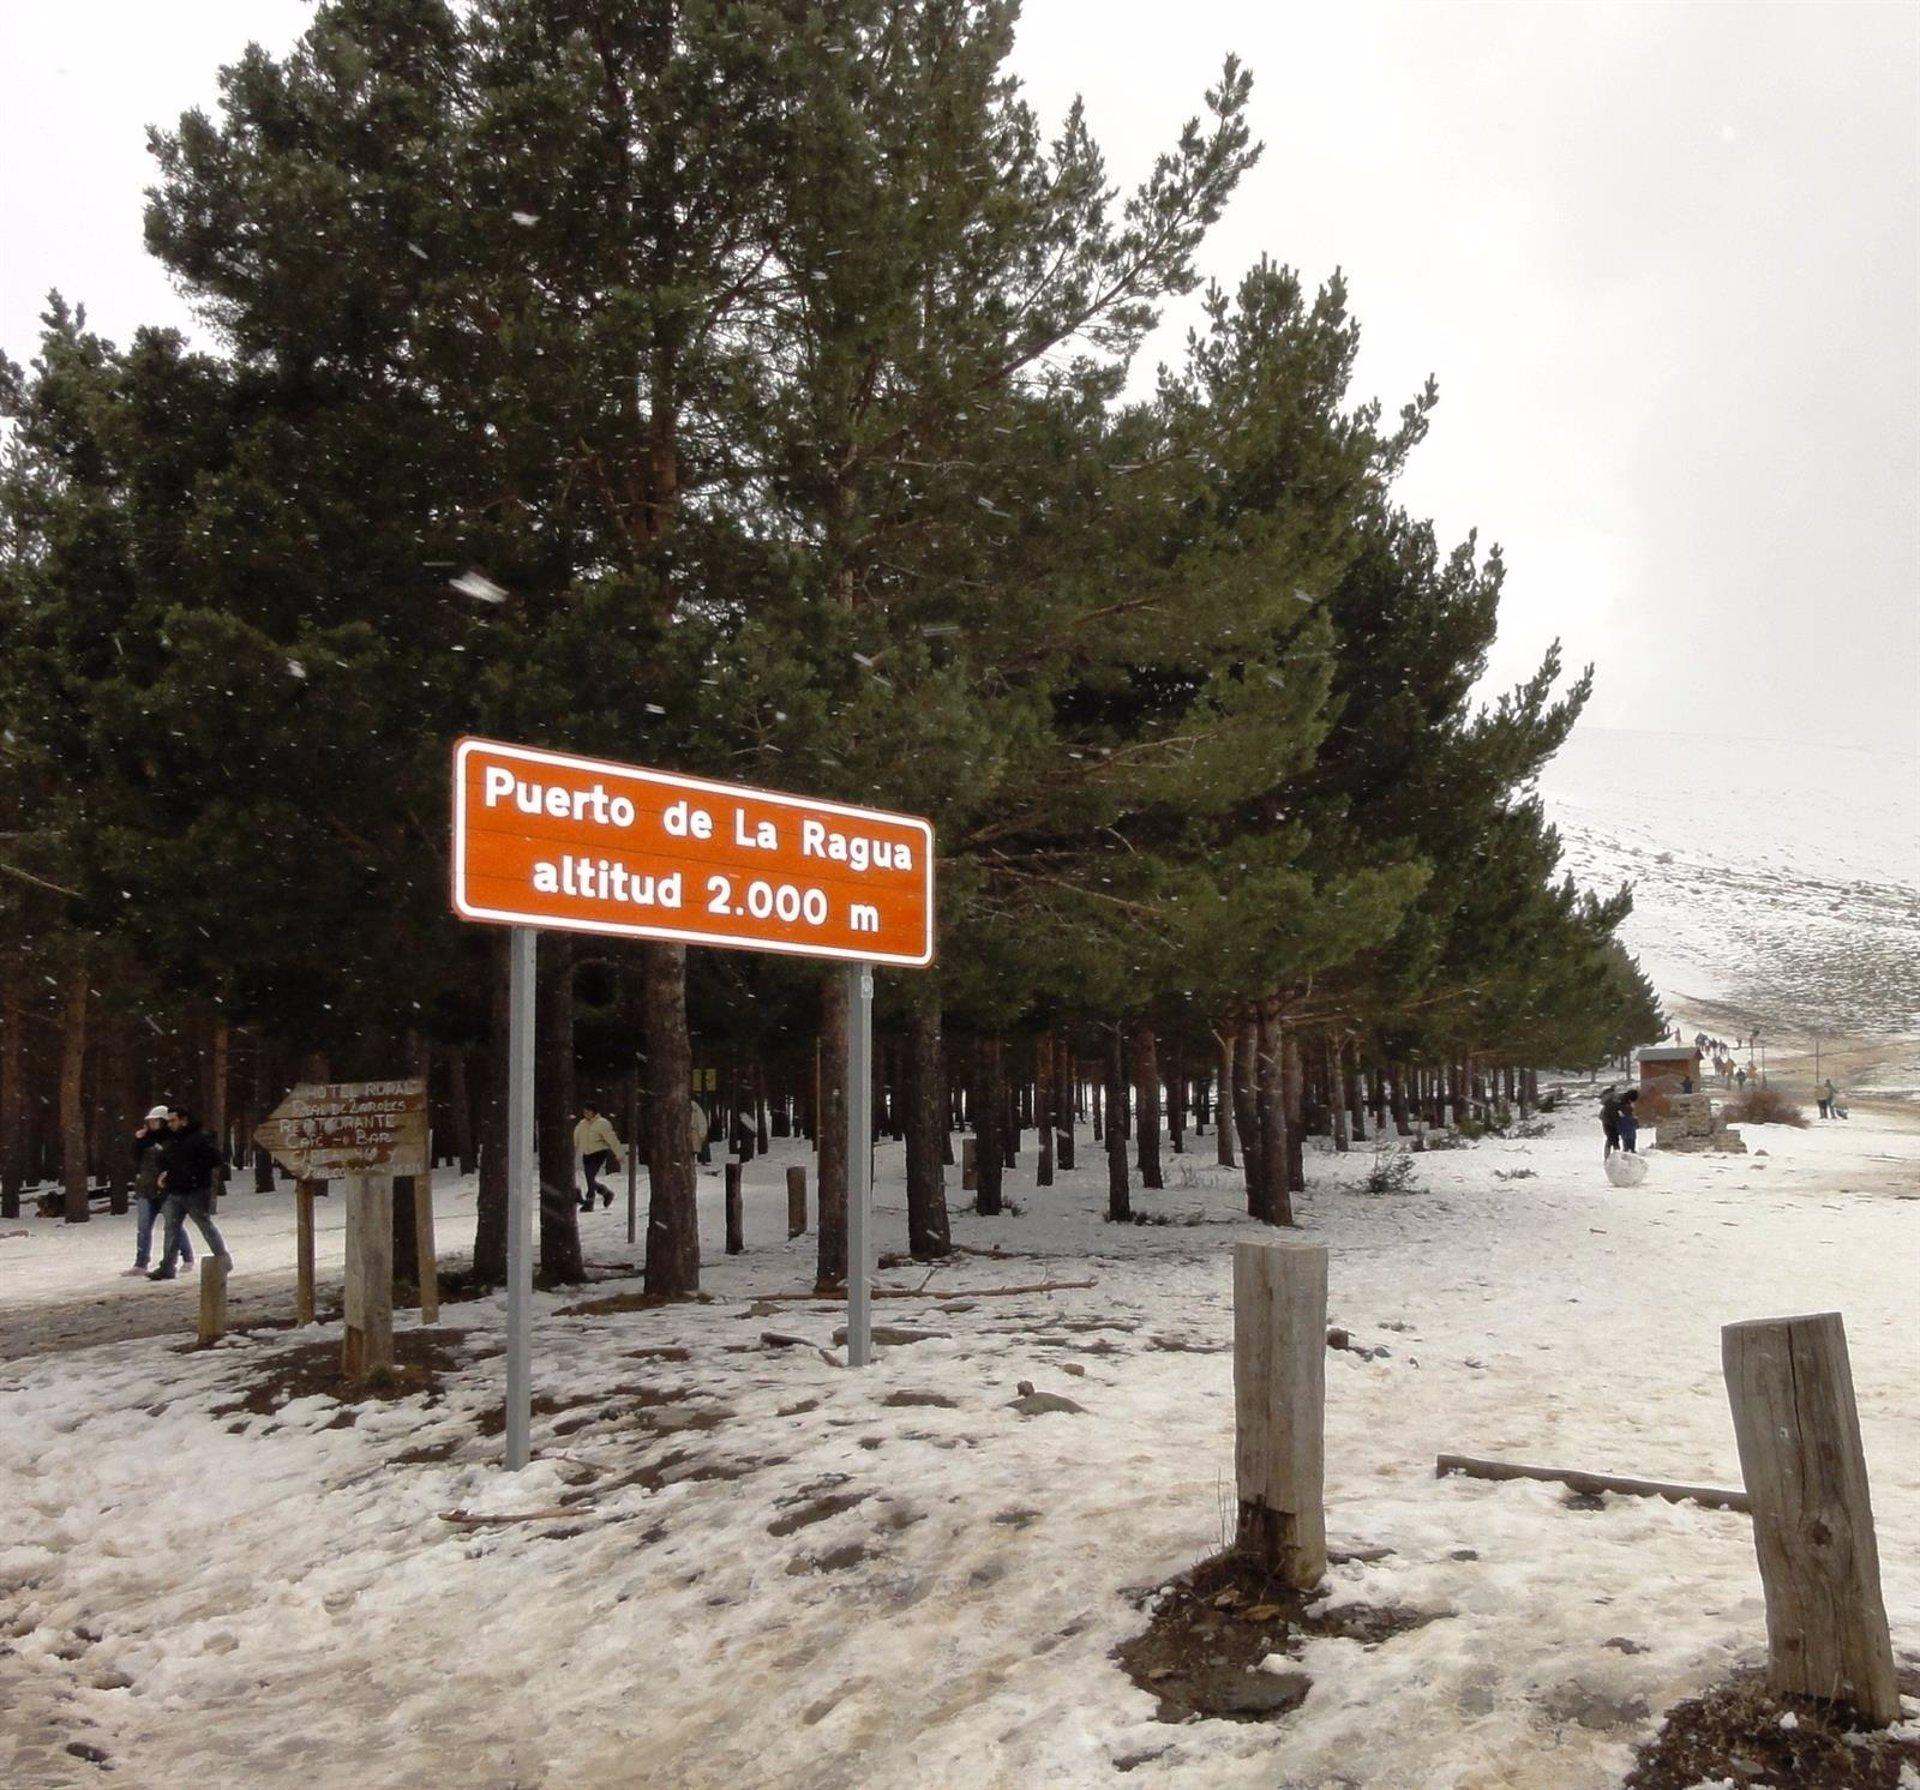 Abierto al tráfico el puerto de la Ragua tras la retirada de la nieve